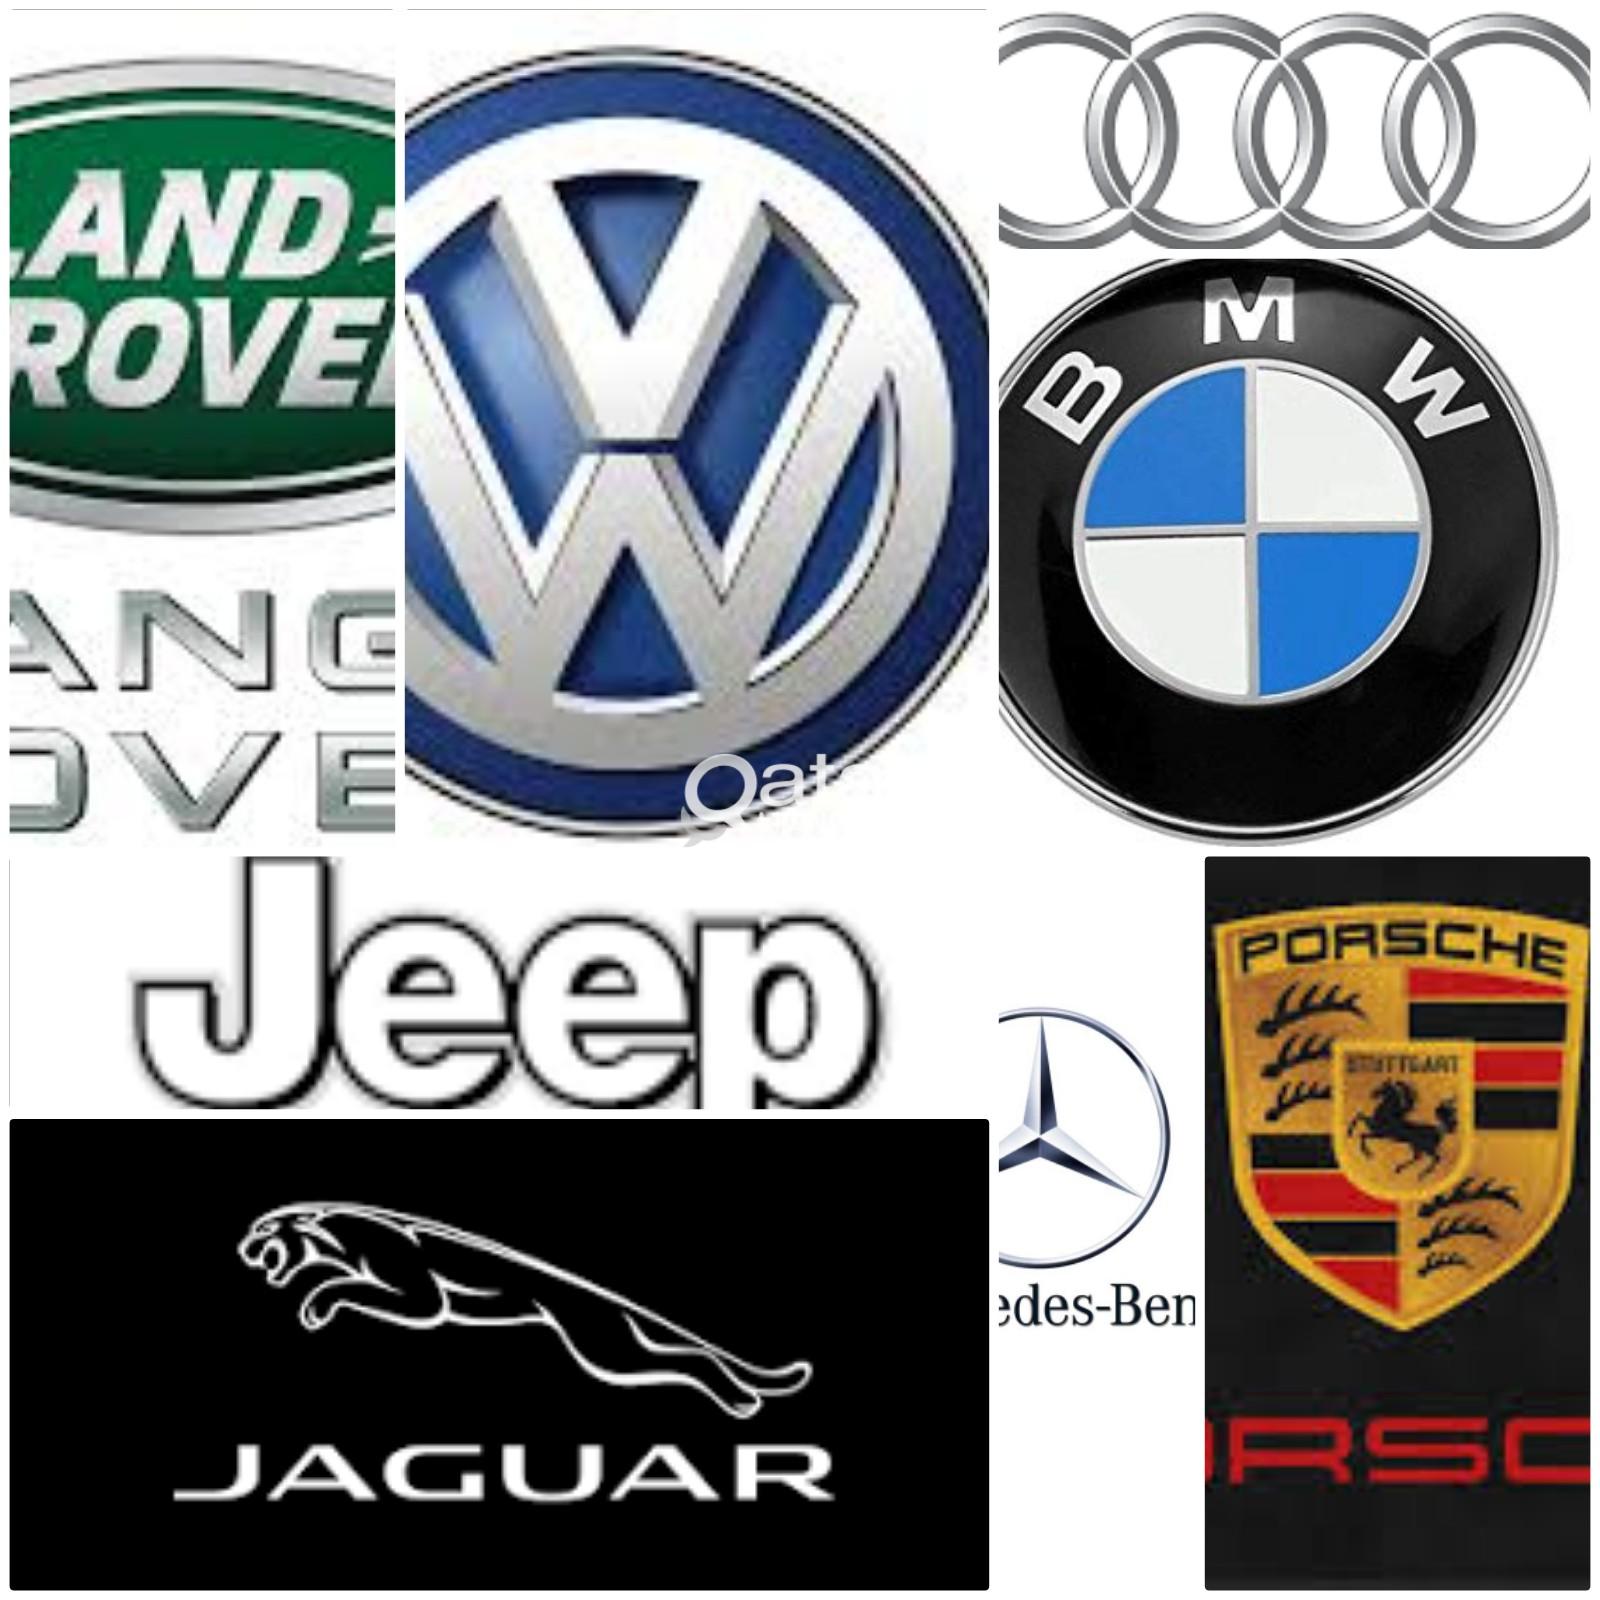 Car Service and repair